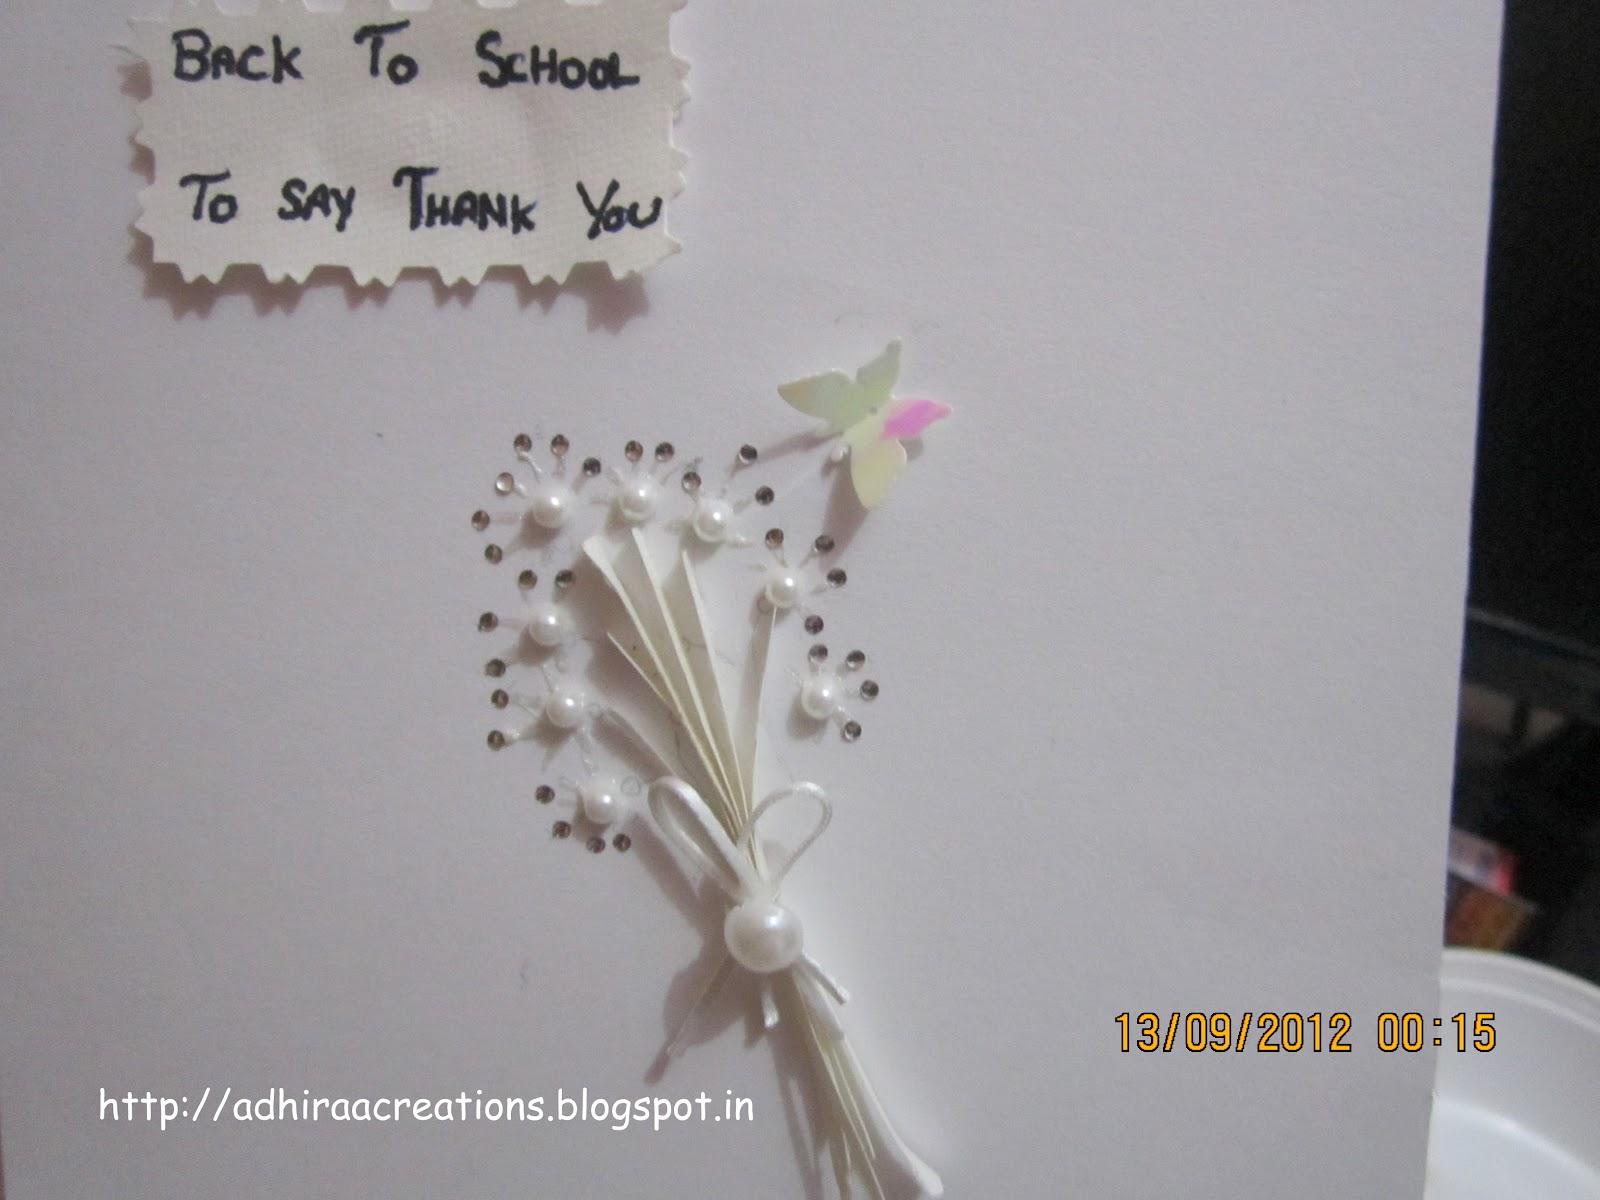 Adhiraacreations Teachers Day Card